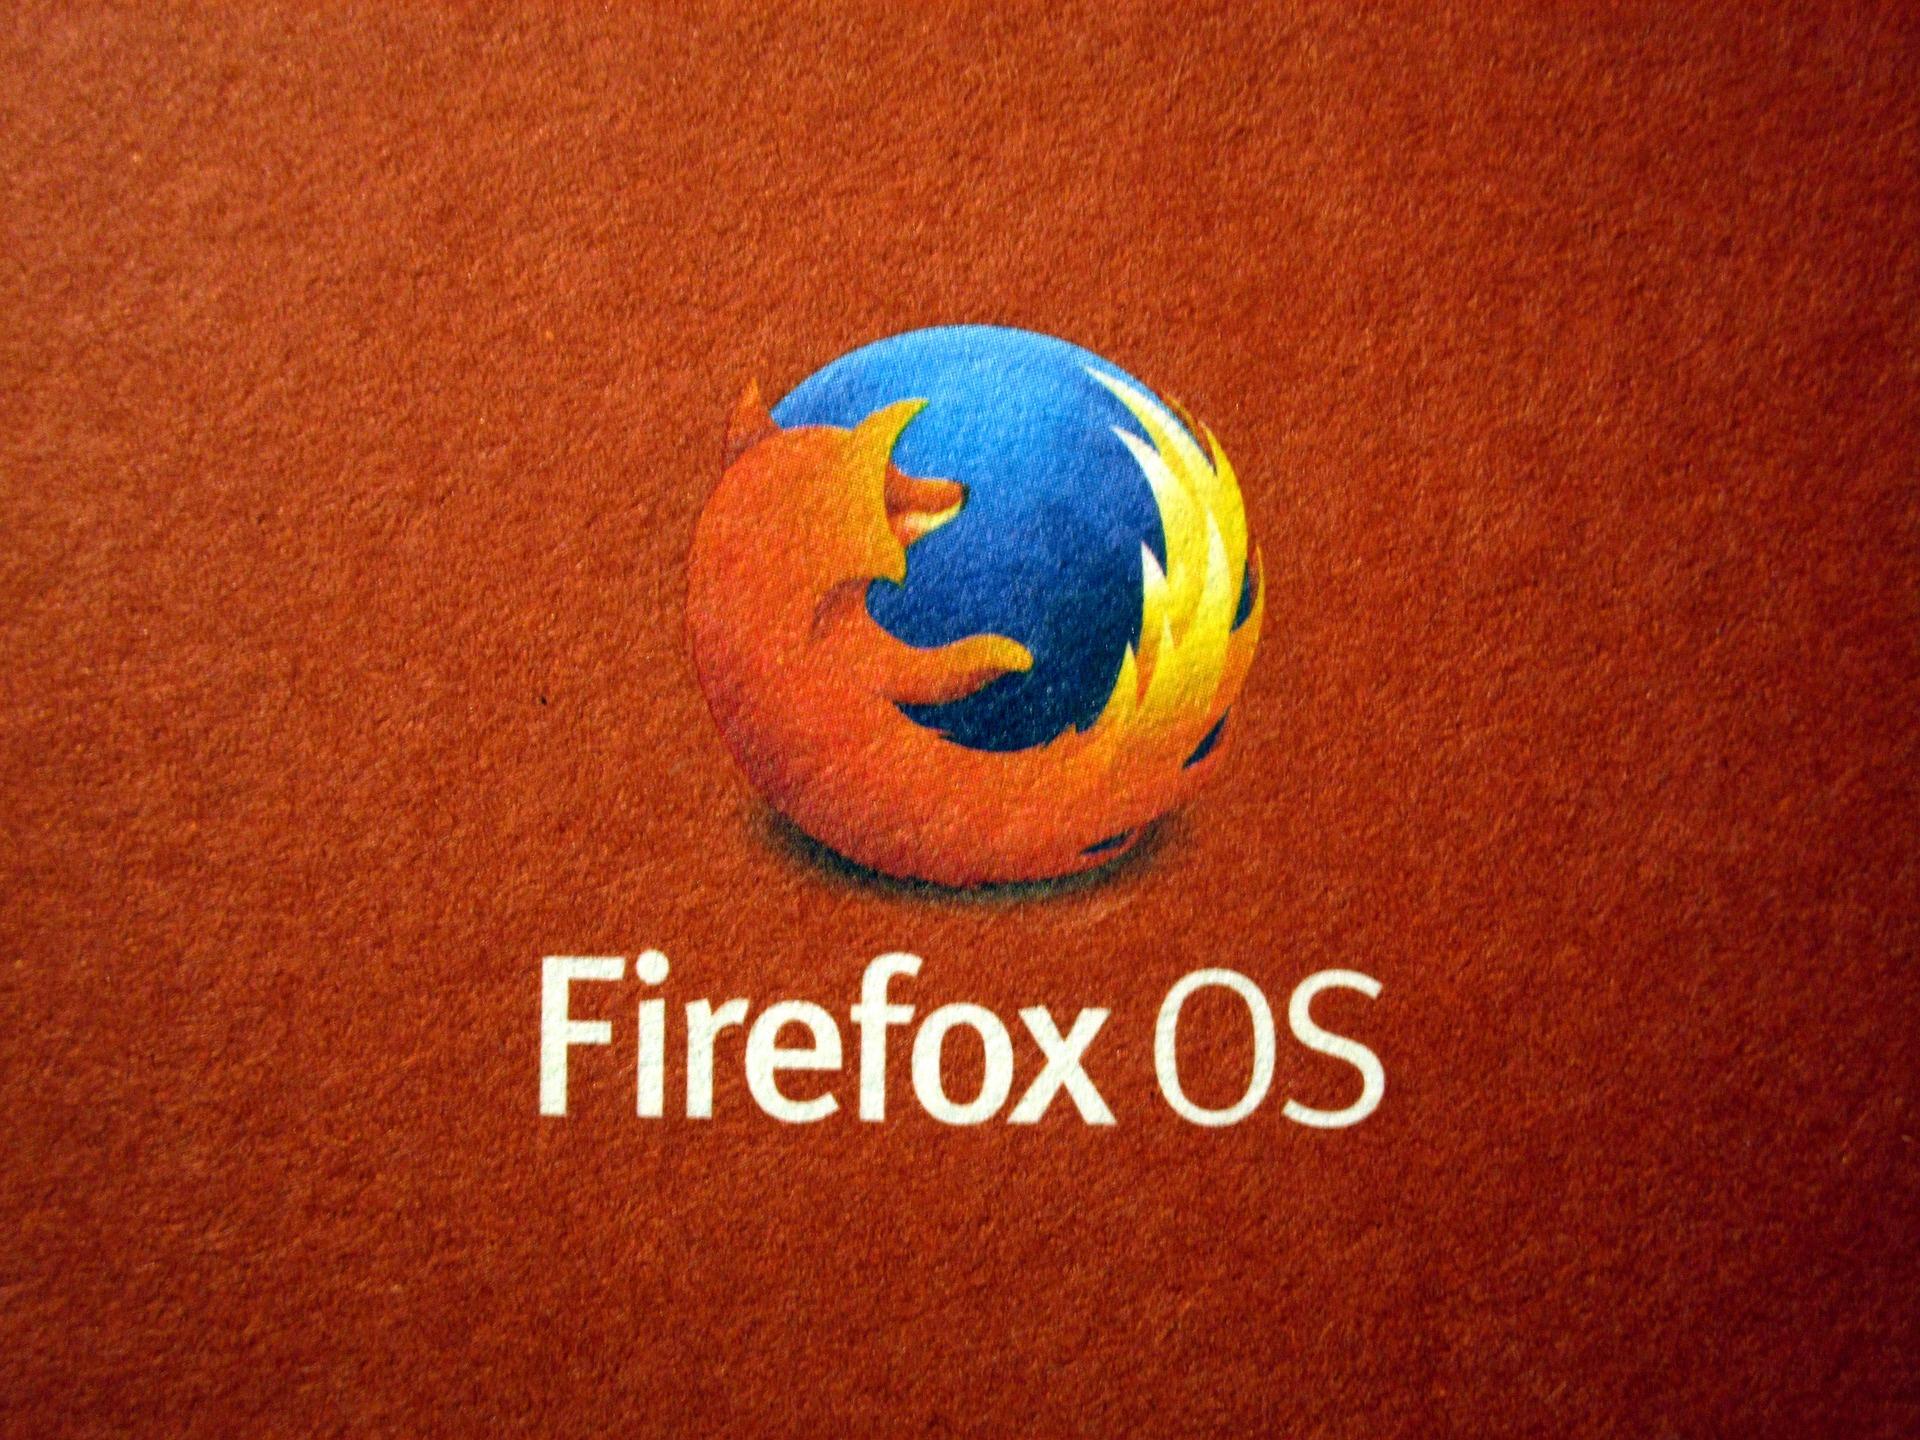 firefox-1210300_1920.jpg